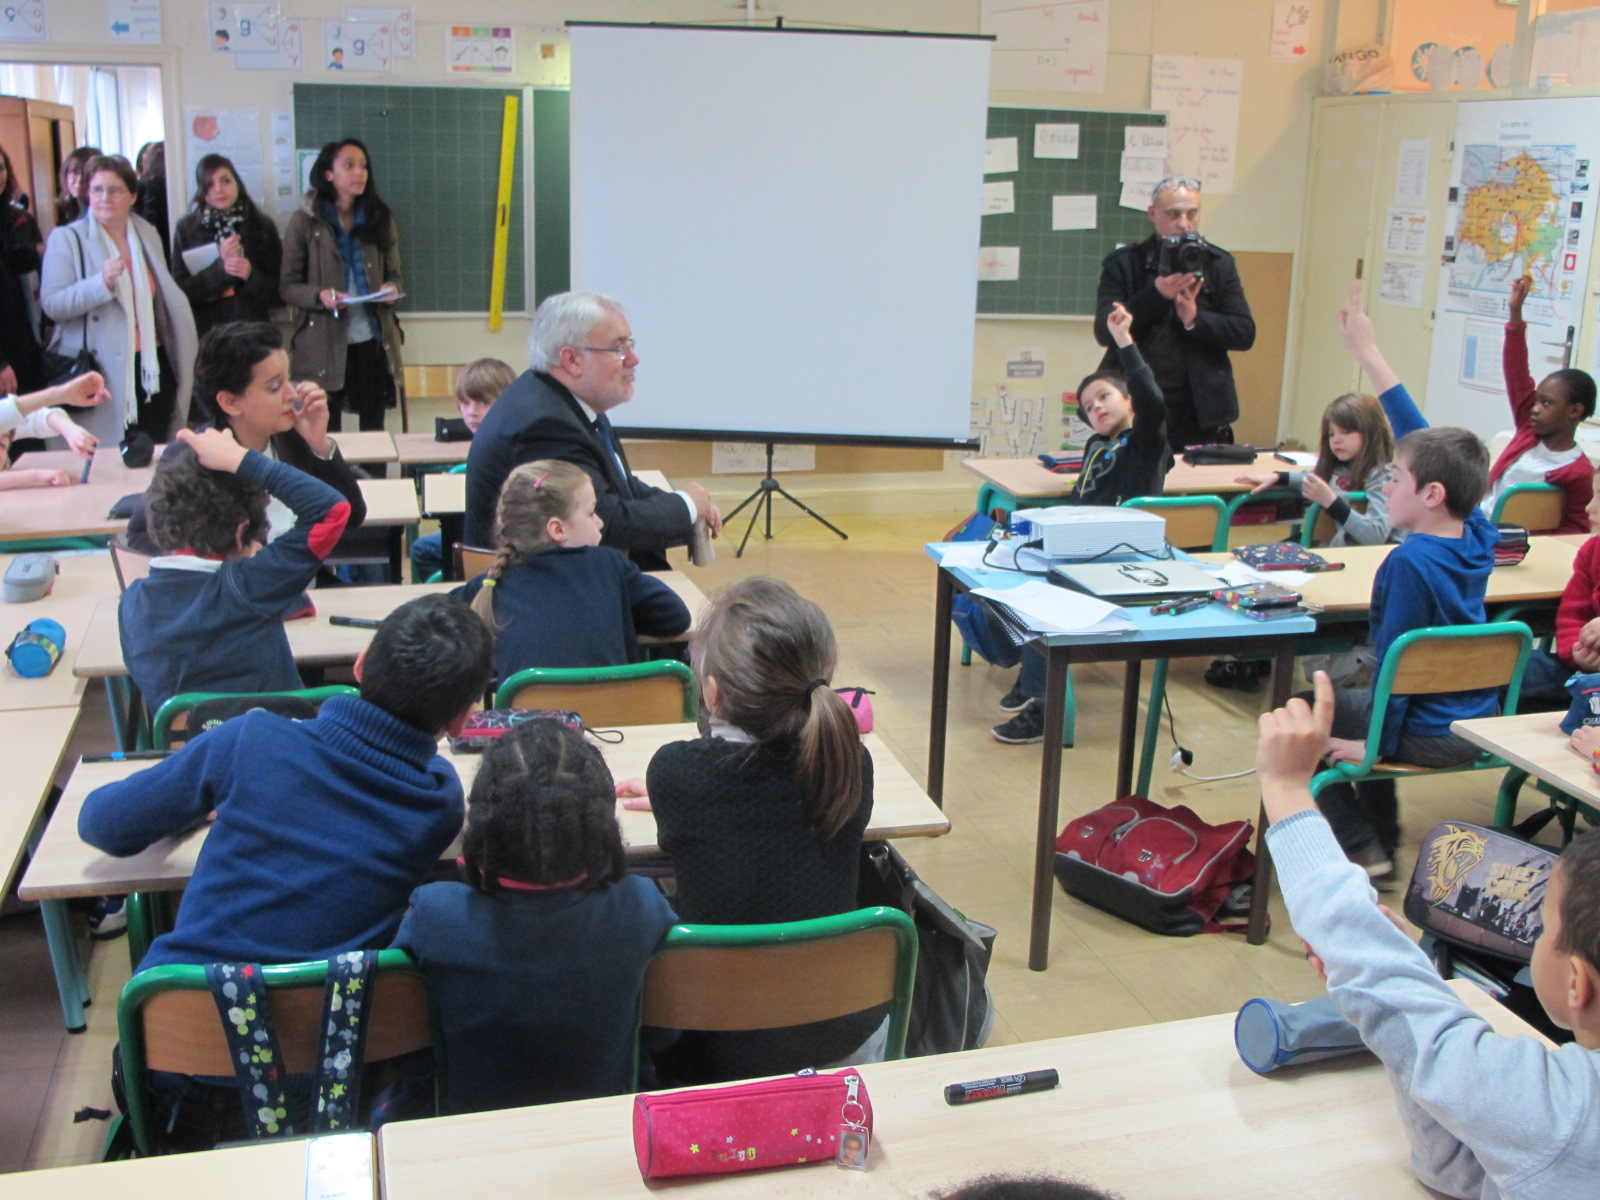 liberté marseillaise education fresnes ministre ecole (3)